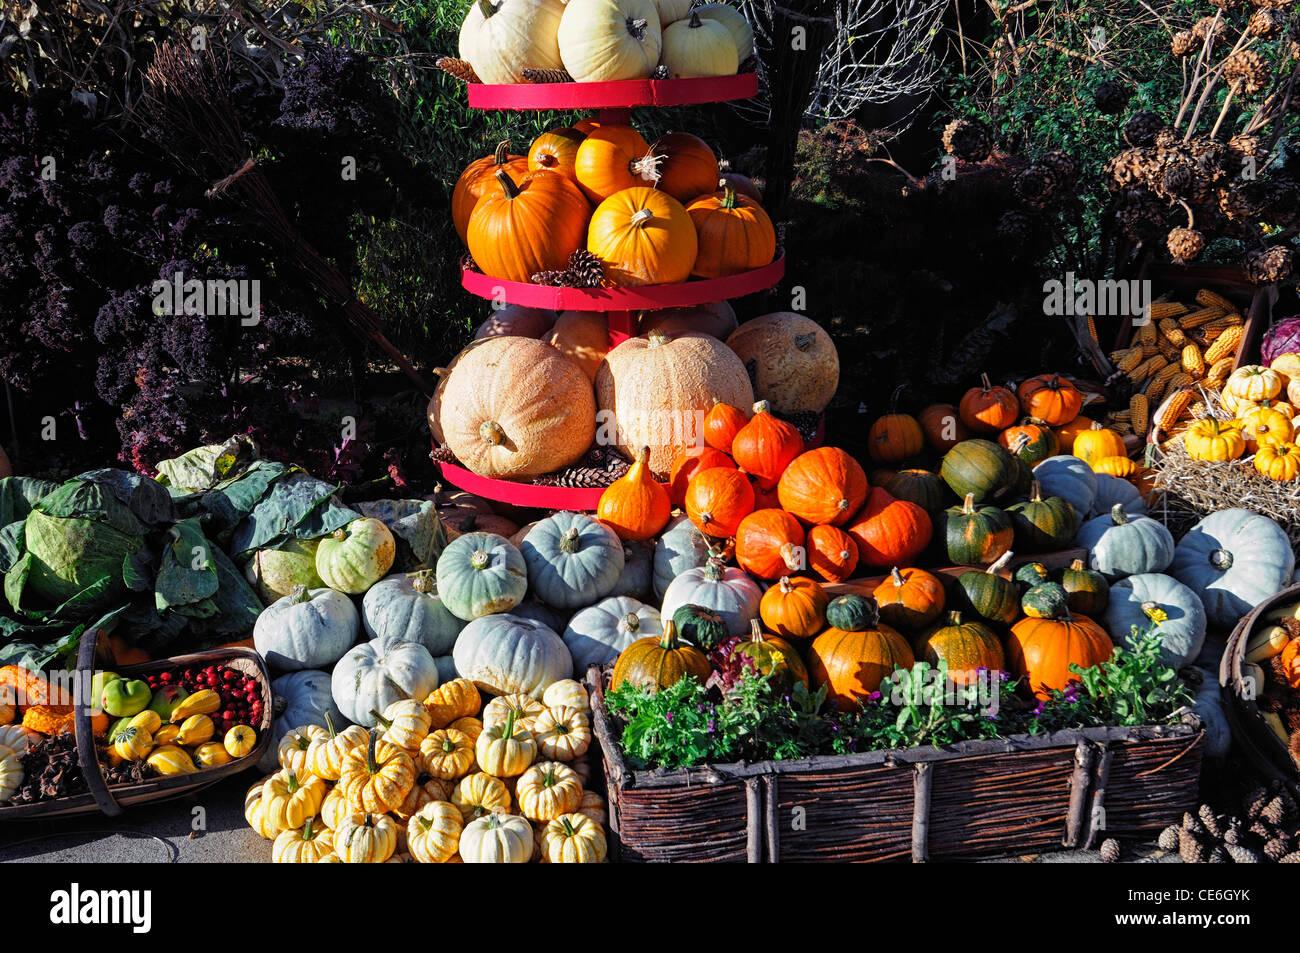 Herbst Herbstliche Herbst Ernte Essen Die Essbaren Garten Ernte